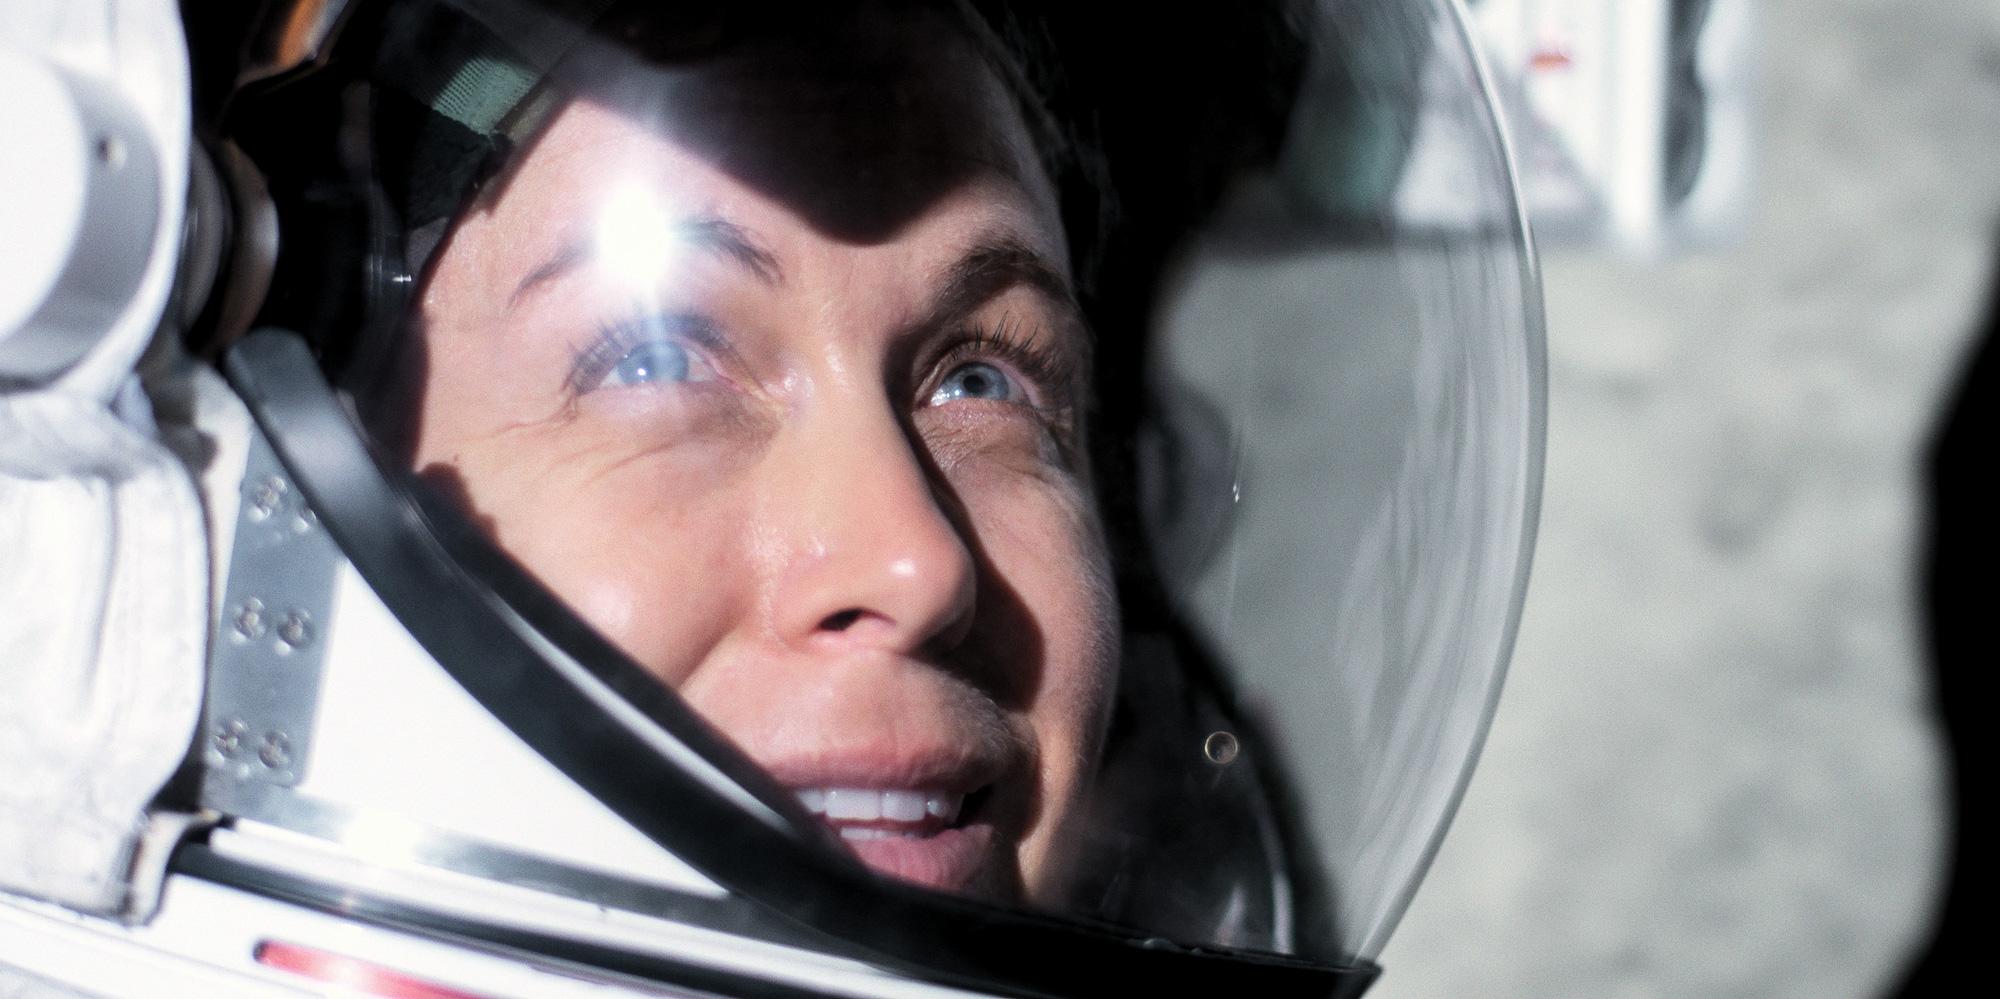 Обзор 'For All Mankind': космическая драма Apple почти правит судном в улучшенном сезоне 2